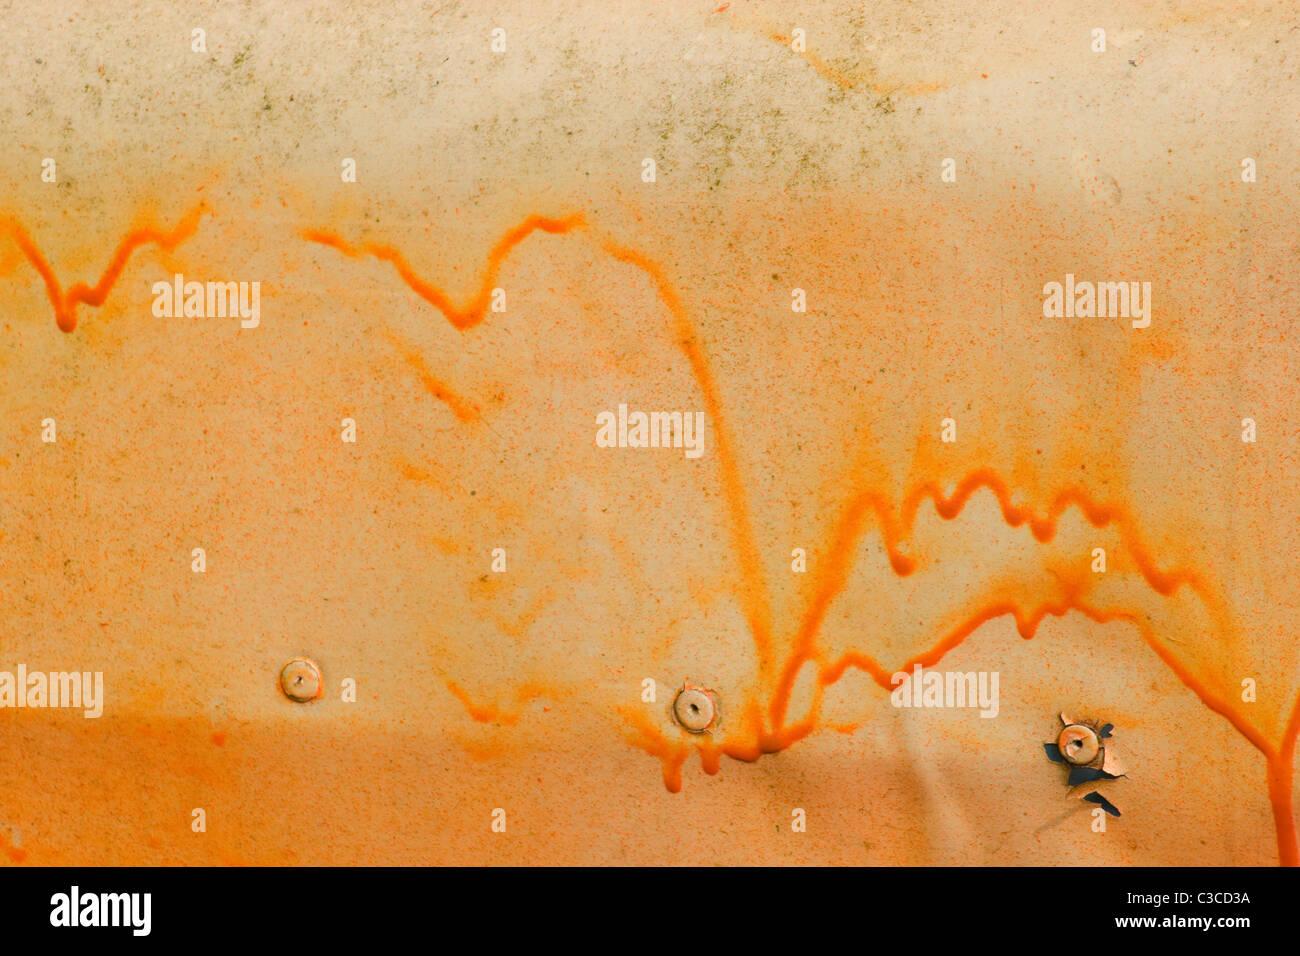 Leuchtfarbe Orange Tag laufen Tropfenfänger Panel getrocknet niet pop verwitterten Falte delle abstrakten Hintergrund Stockbild